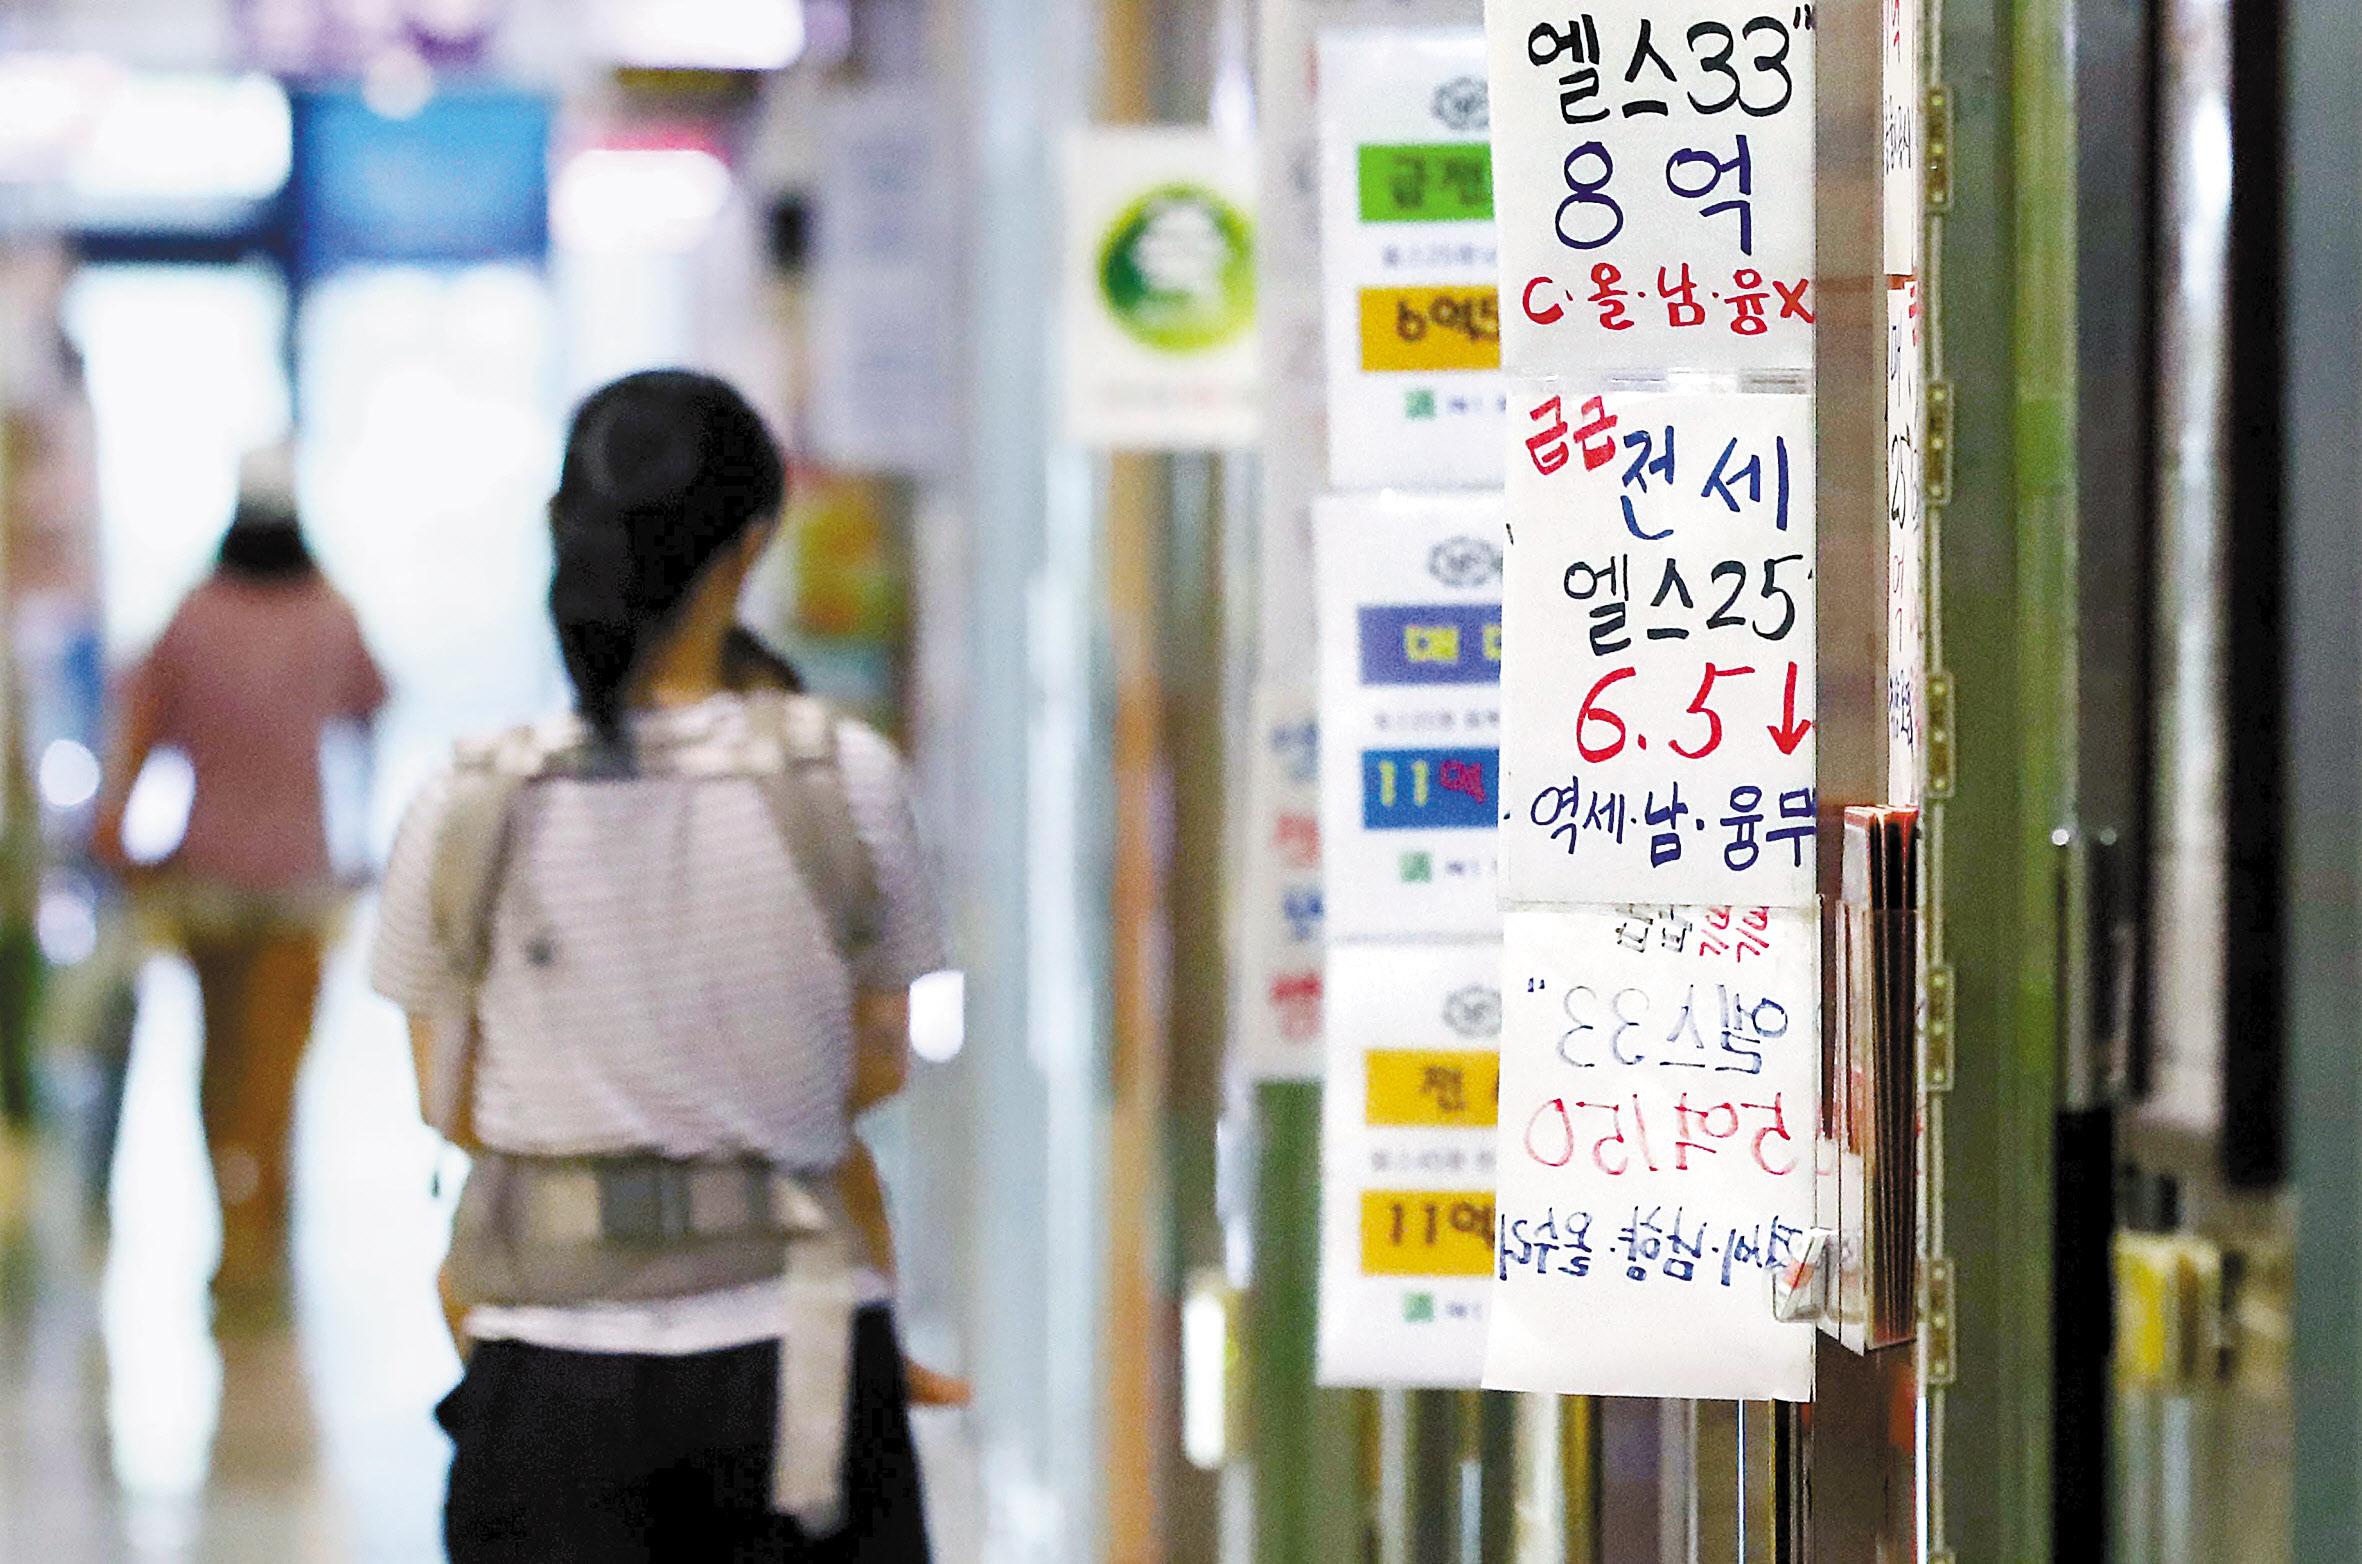 대구 수성구 70% 올랐는데 서울 중랑구는 27% 상승 그쳐